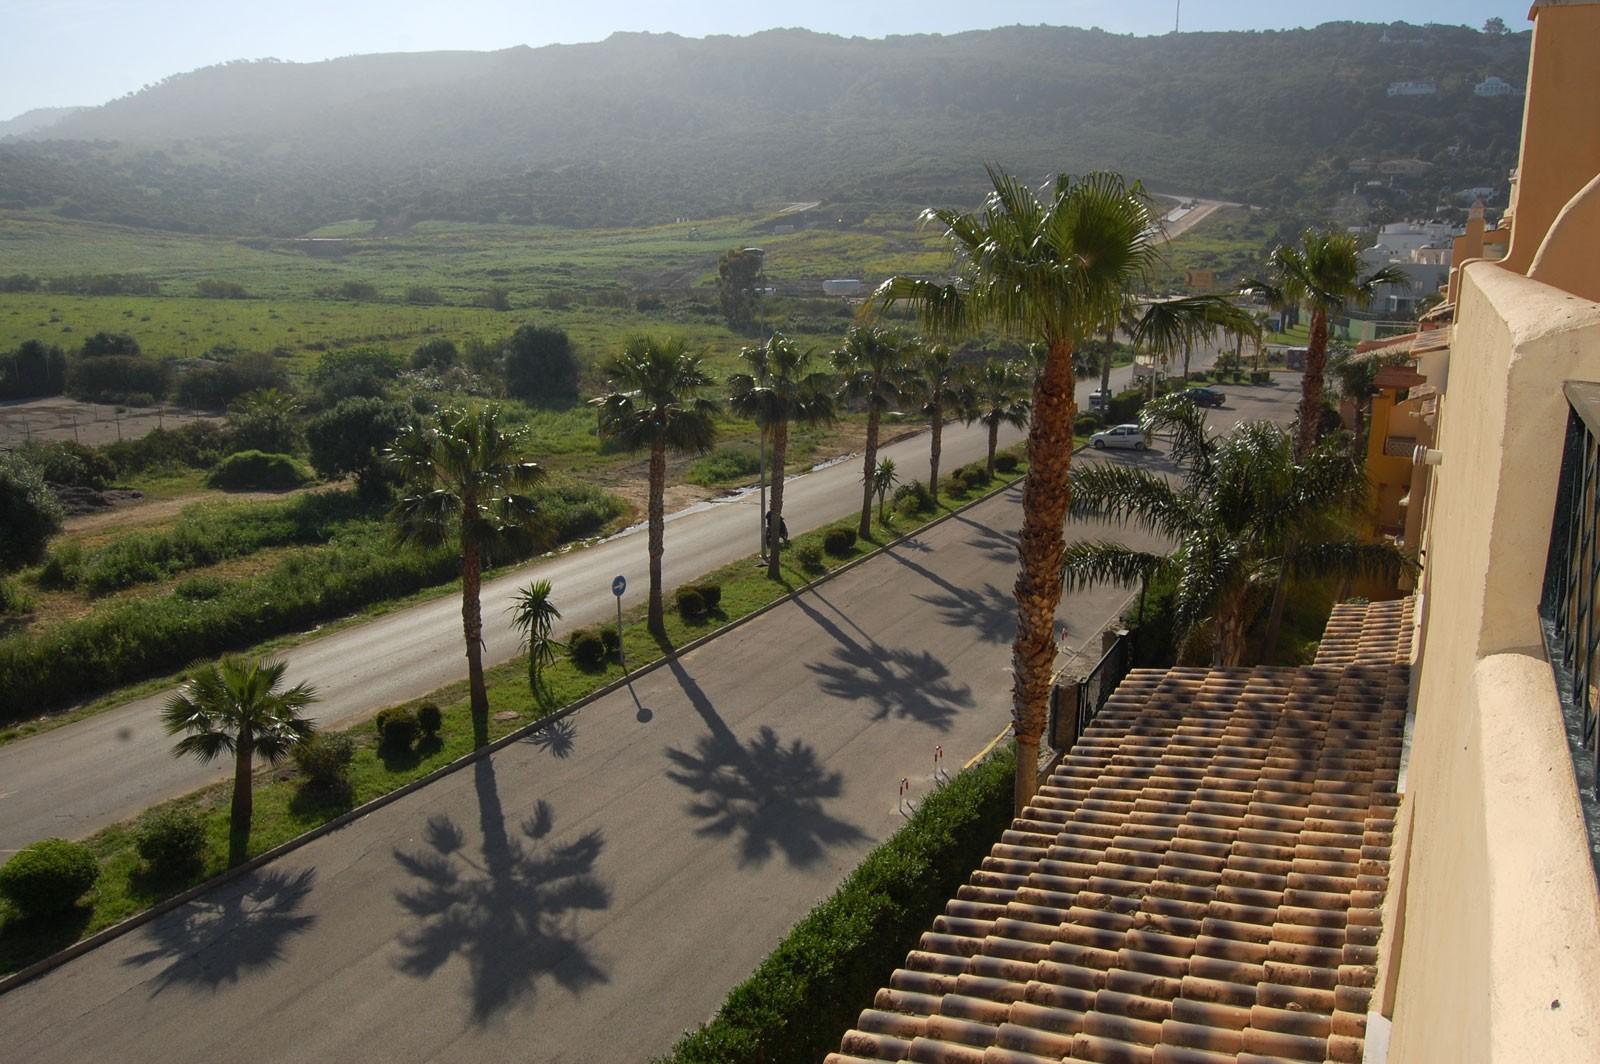 Alquiler tico 2 dormitorios y 1 ba o en la urbanizaci n jardines de zahara en atlanterra - Jardines de zahara ...